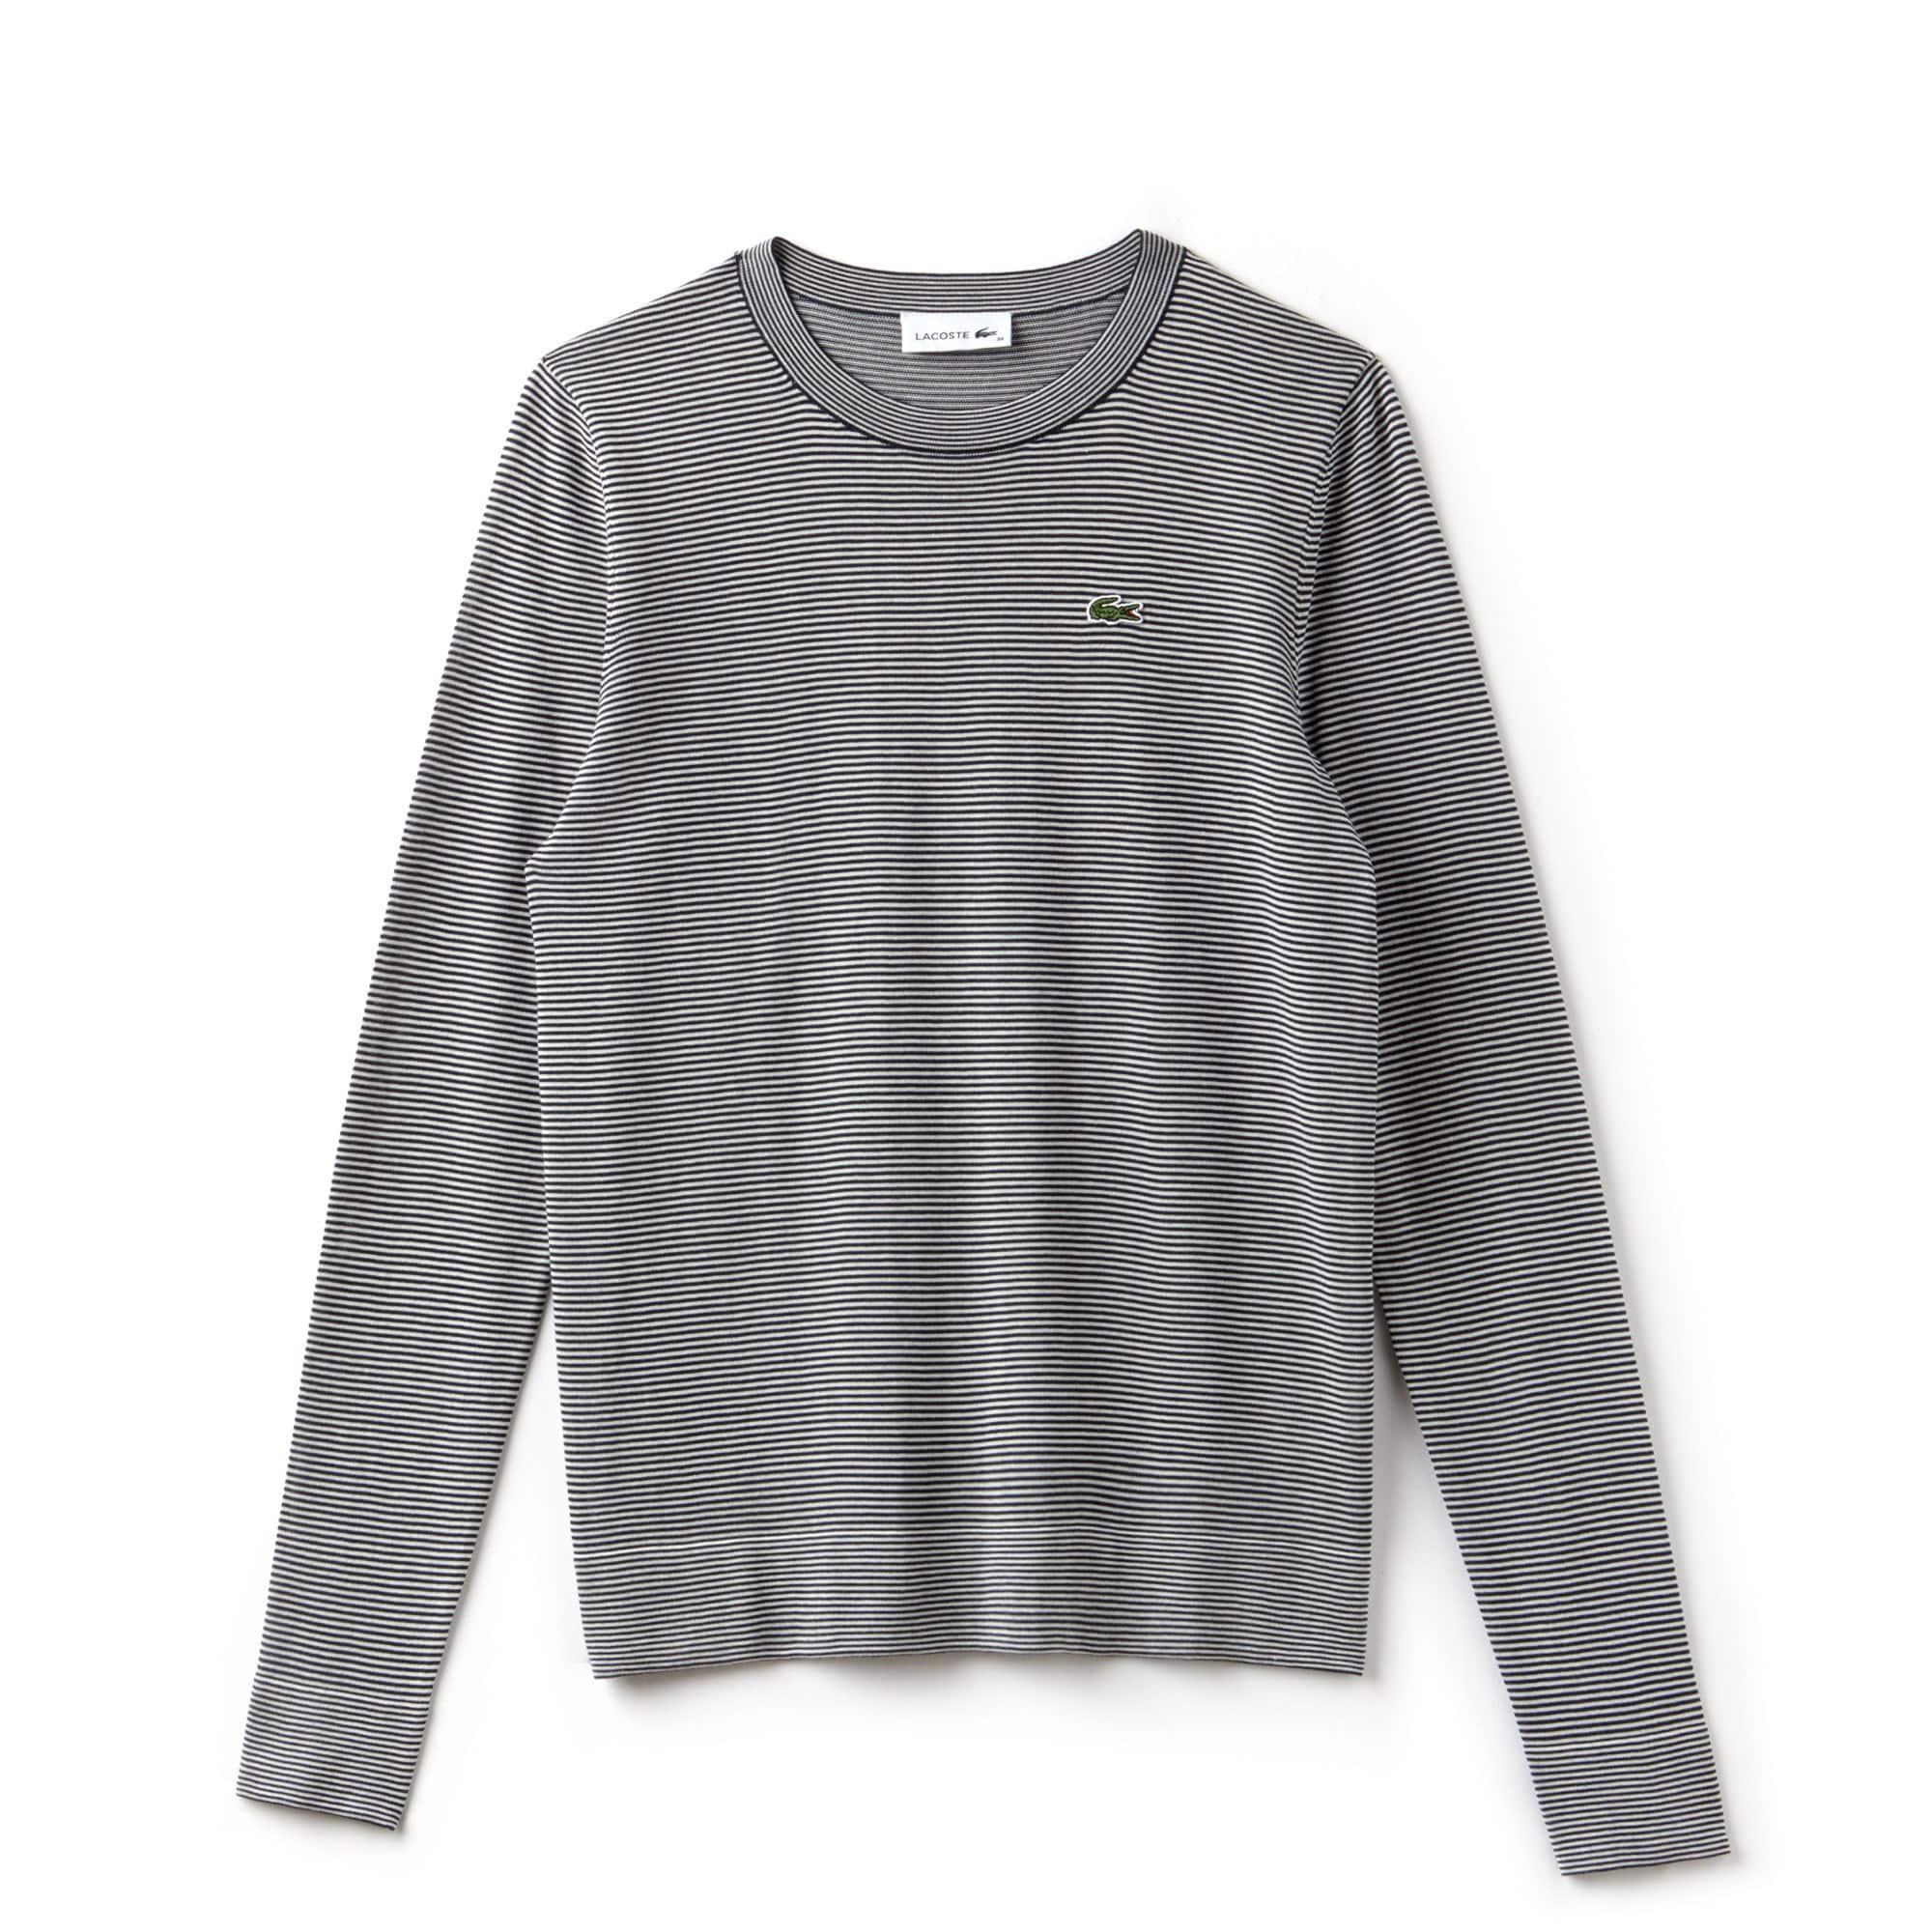 Sweatshirt dames hoge hals katoenjersey met krijtstreepjes